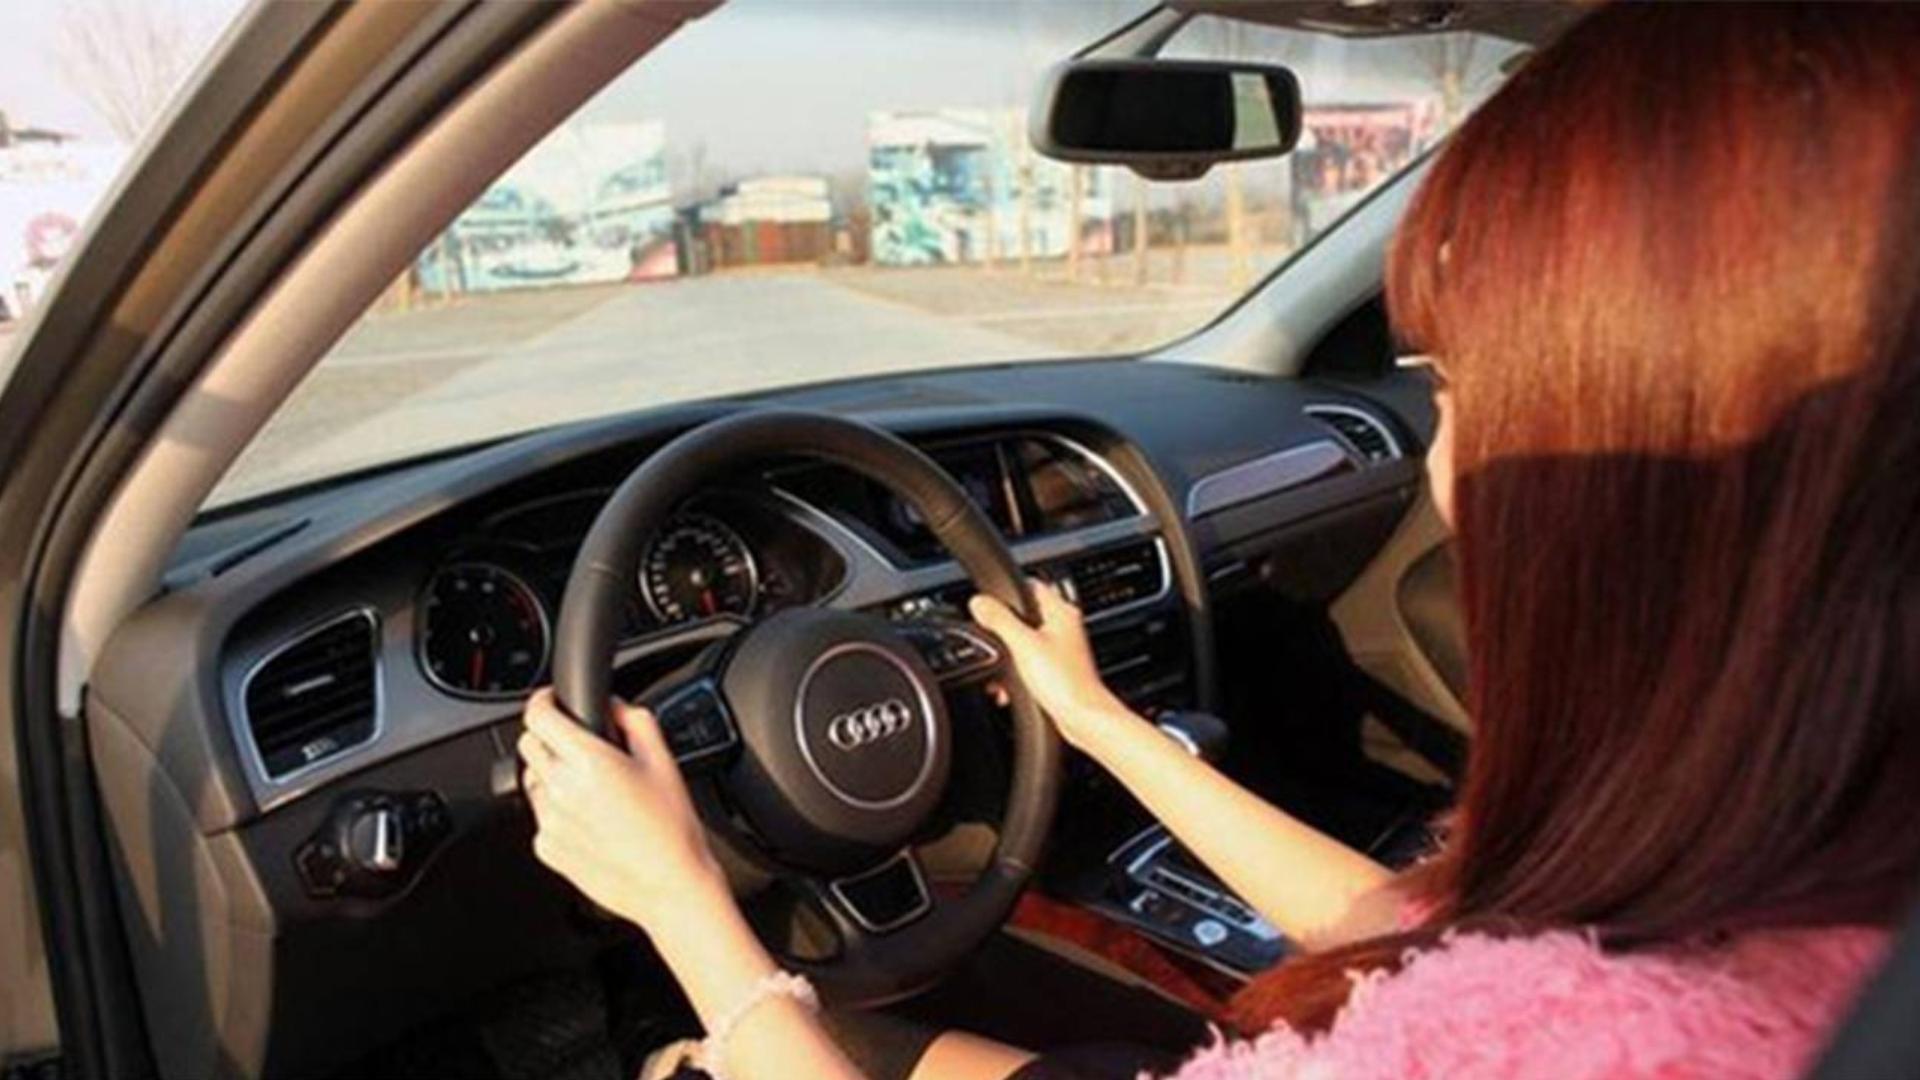 这7个错误的开车习惯,一大堆新手司机经常犯,危险还伤车